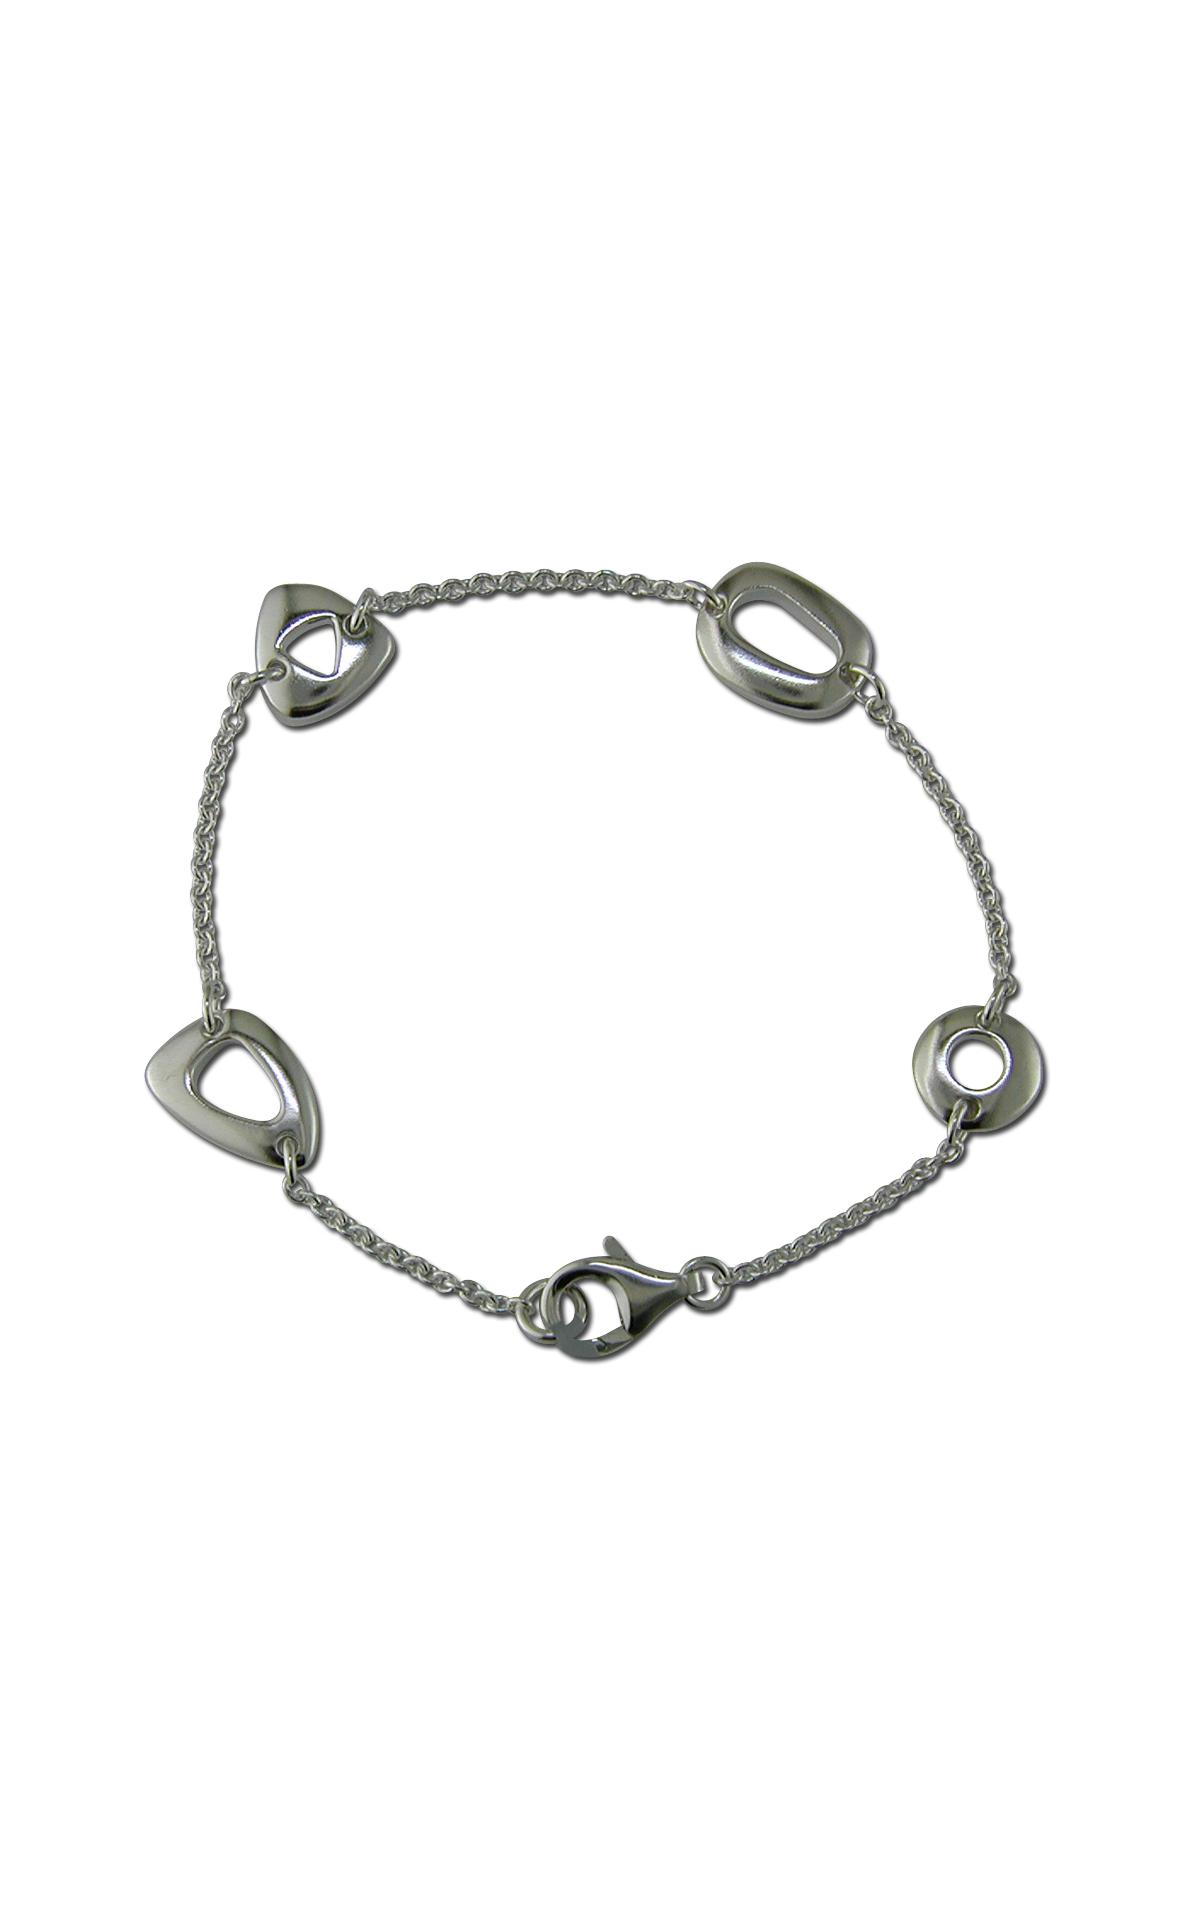 Zina Touchstone Bracelet A703-7 product image